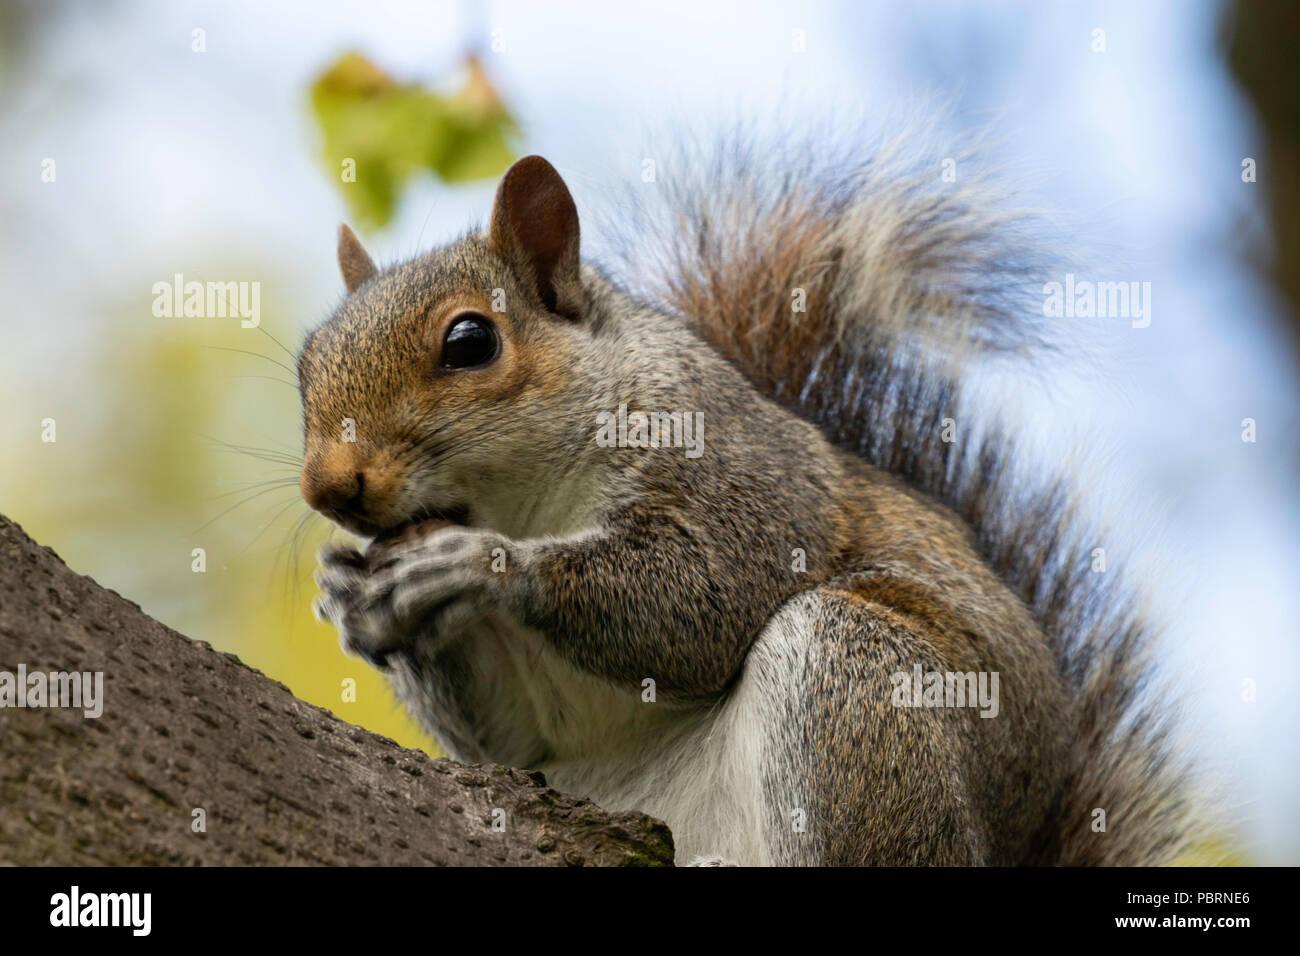 L'Écureuil gris de l'assit sur une branche l'alimentation. Photo Stock